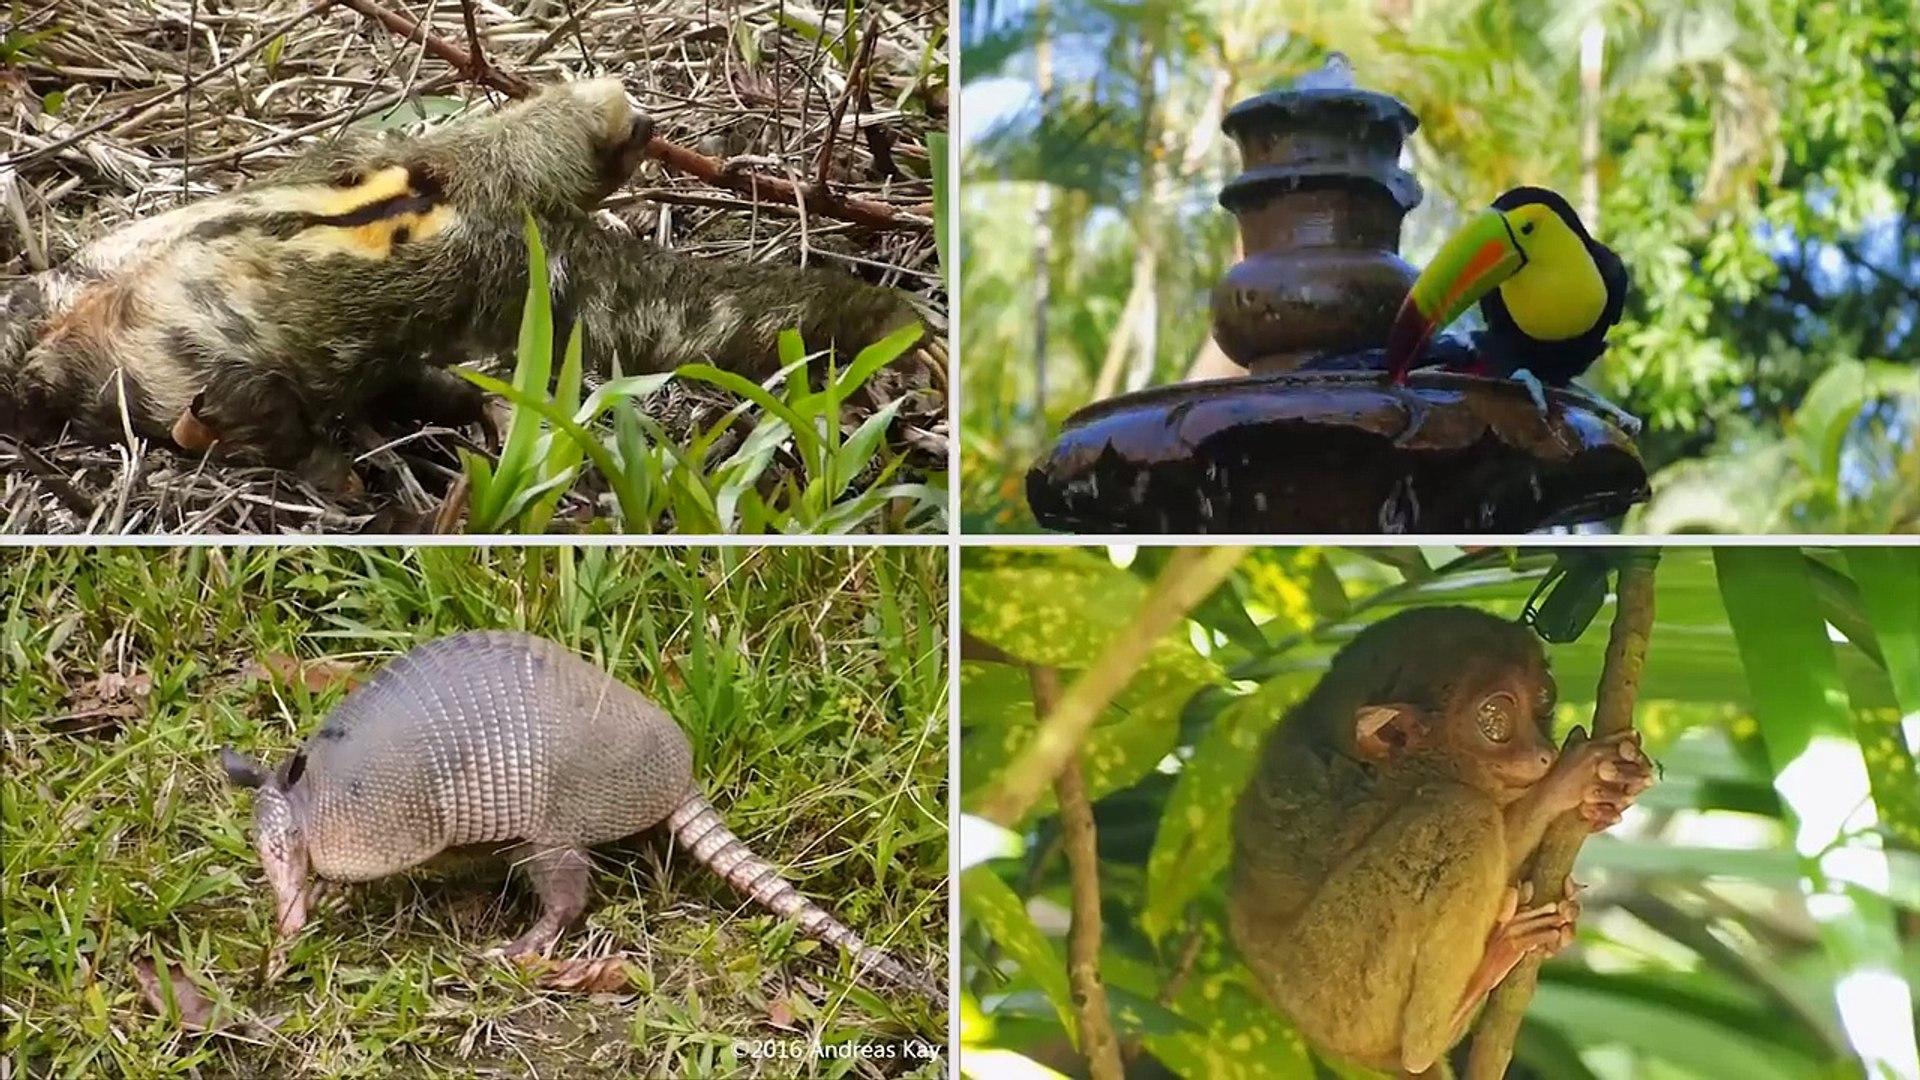 Çocuklar için yağmur ormanı hayvanları, yağmur ormanı hayvan sesleri, yağmur ormanları yaban hayatı